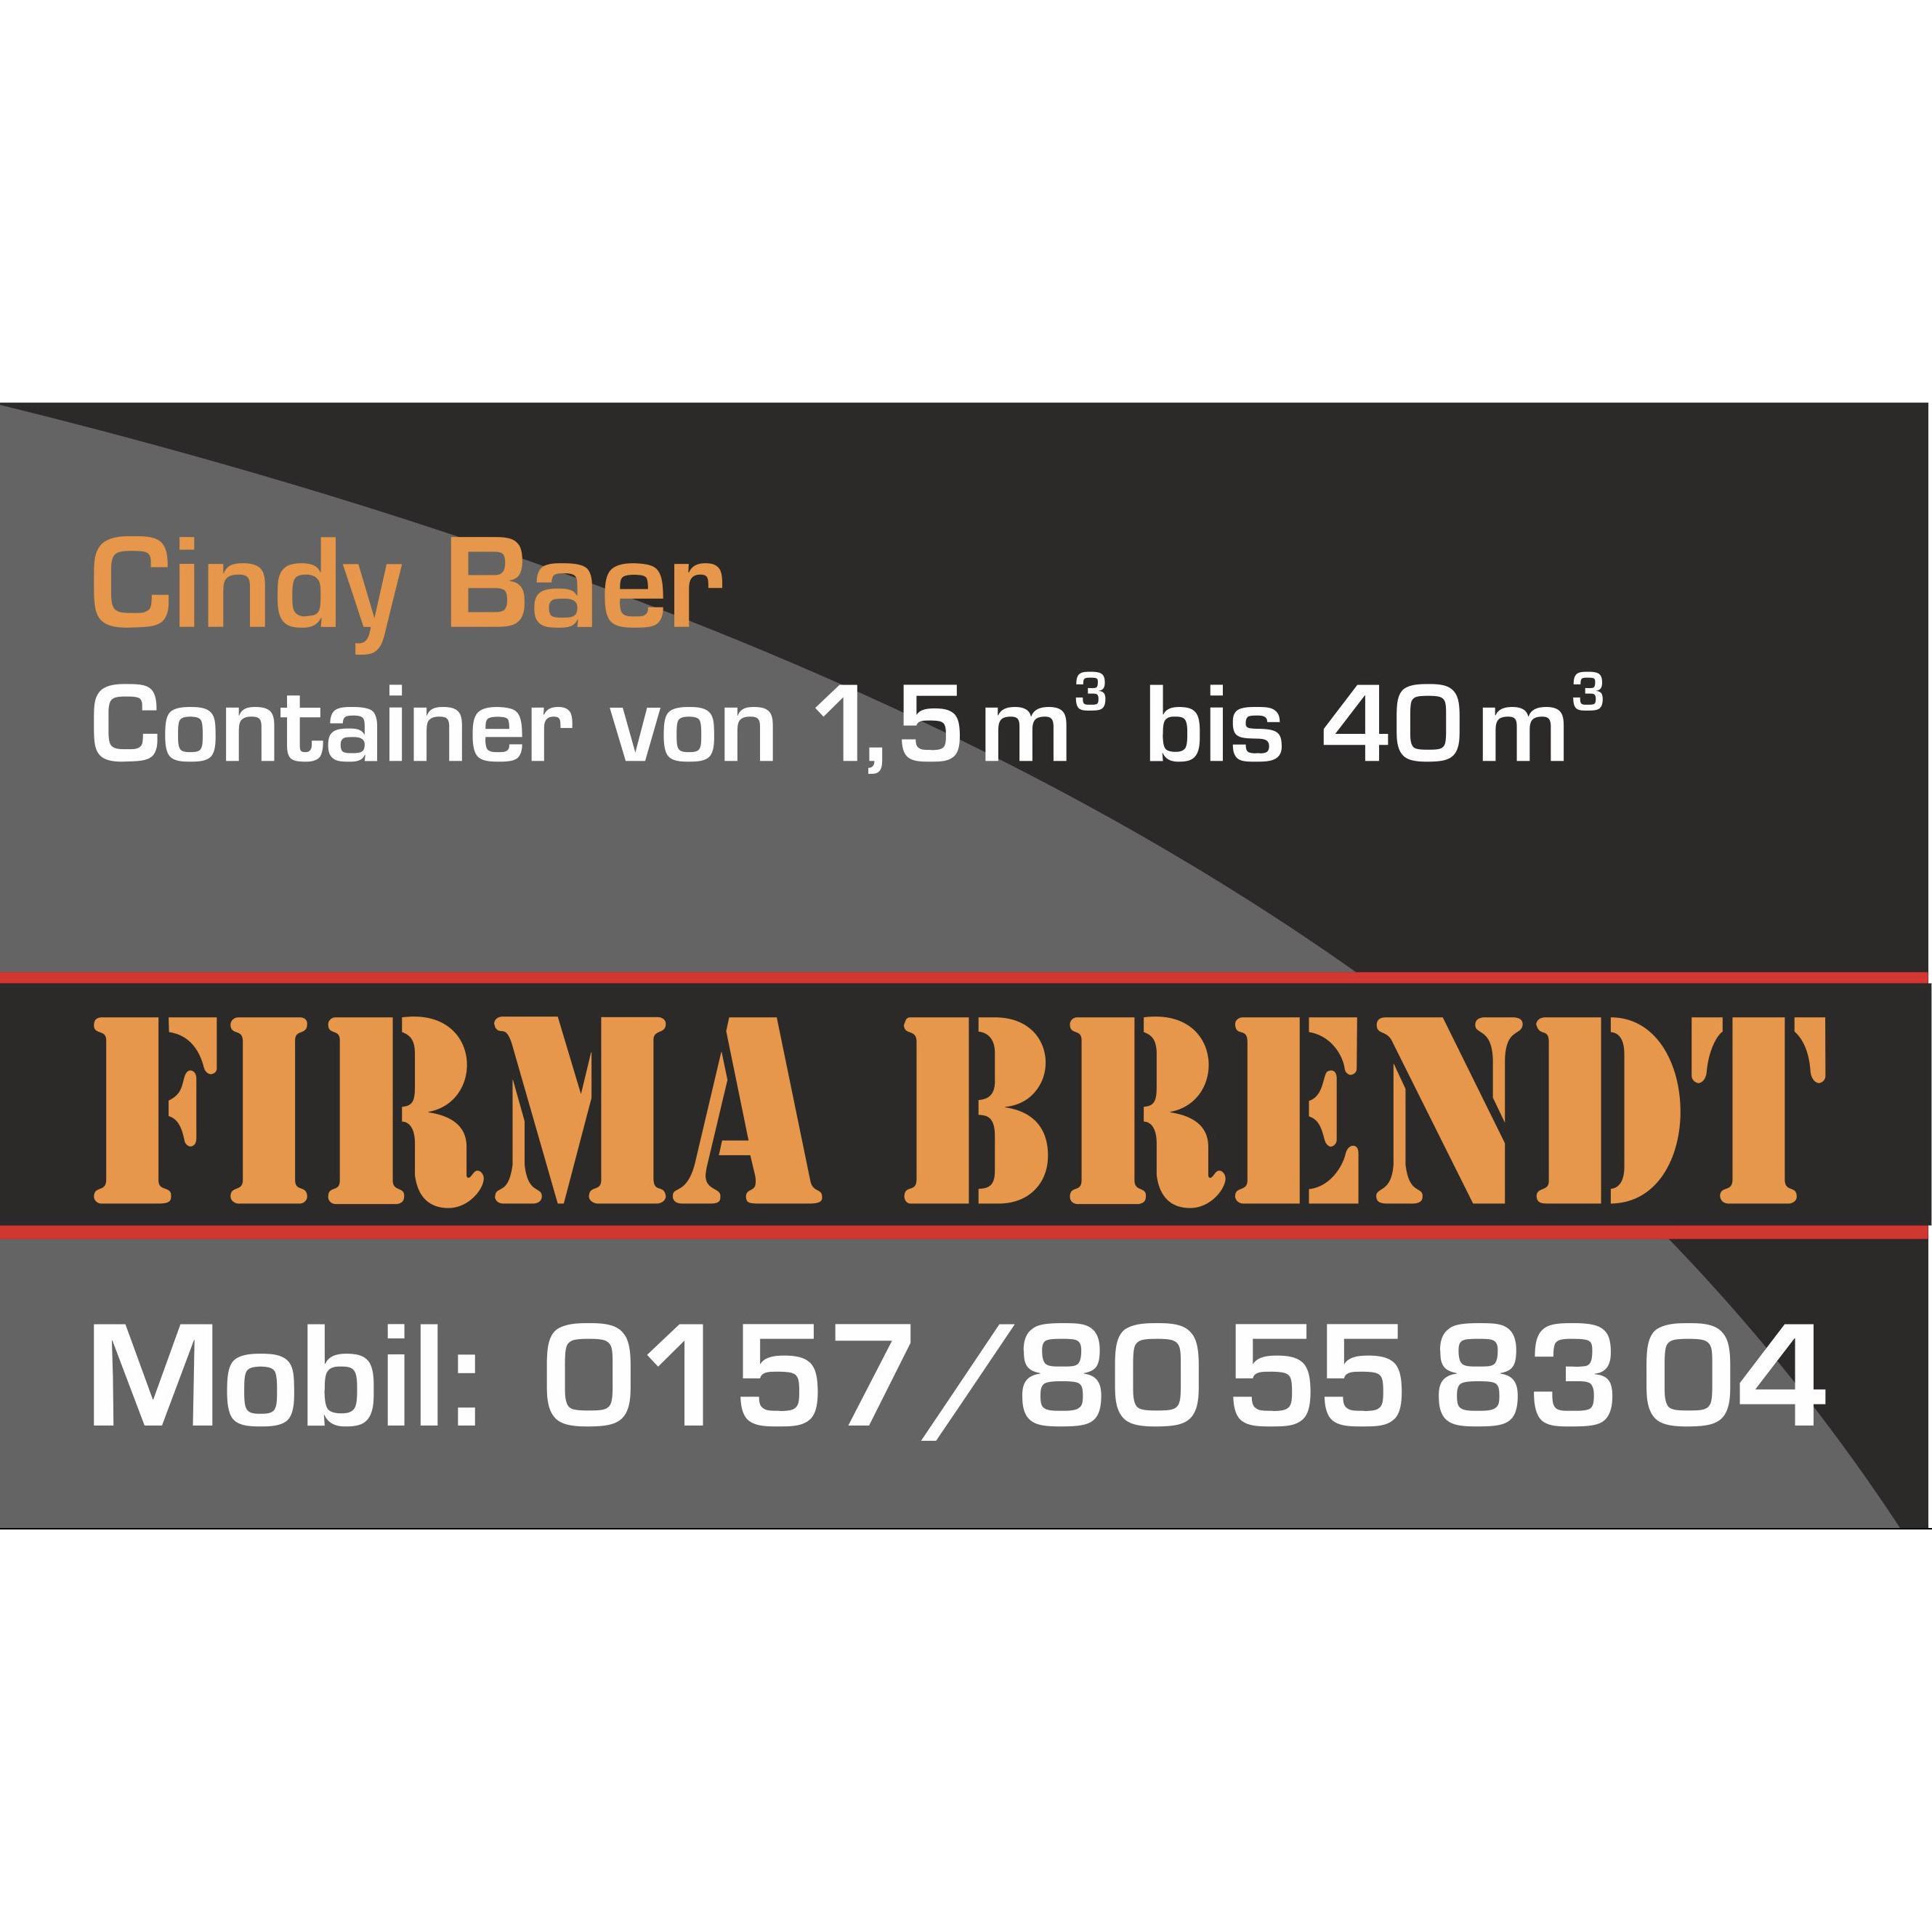 Bild zu Firma Brendt in Mönchengladbach